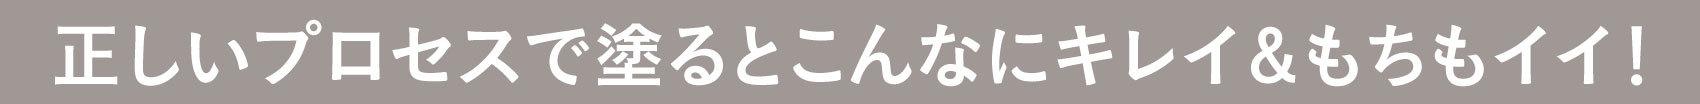 """【動画】セルフネイルの仕上がりをワンランクアップ""""キホンの塗り方""""をマスター!_1_4"""